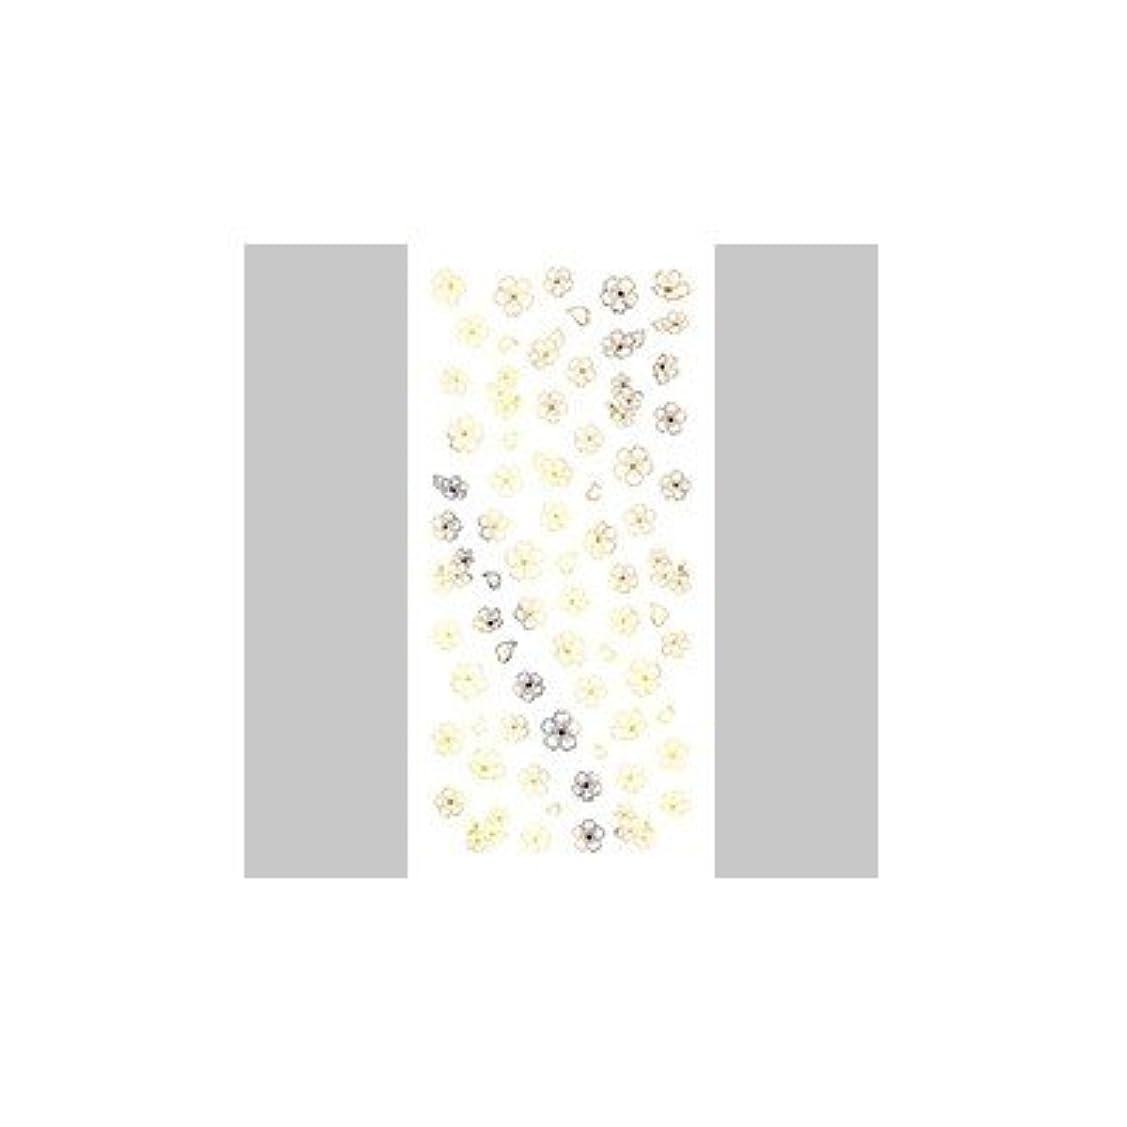 ブリード五月平行ツメキラ(TSUMEKIRA) ネイル用シール さくら5 ゴールド SG-SKR-502